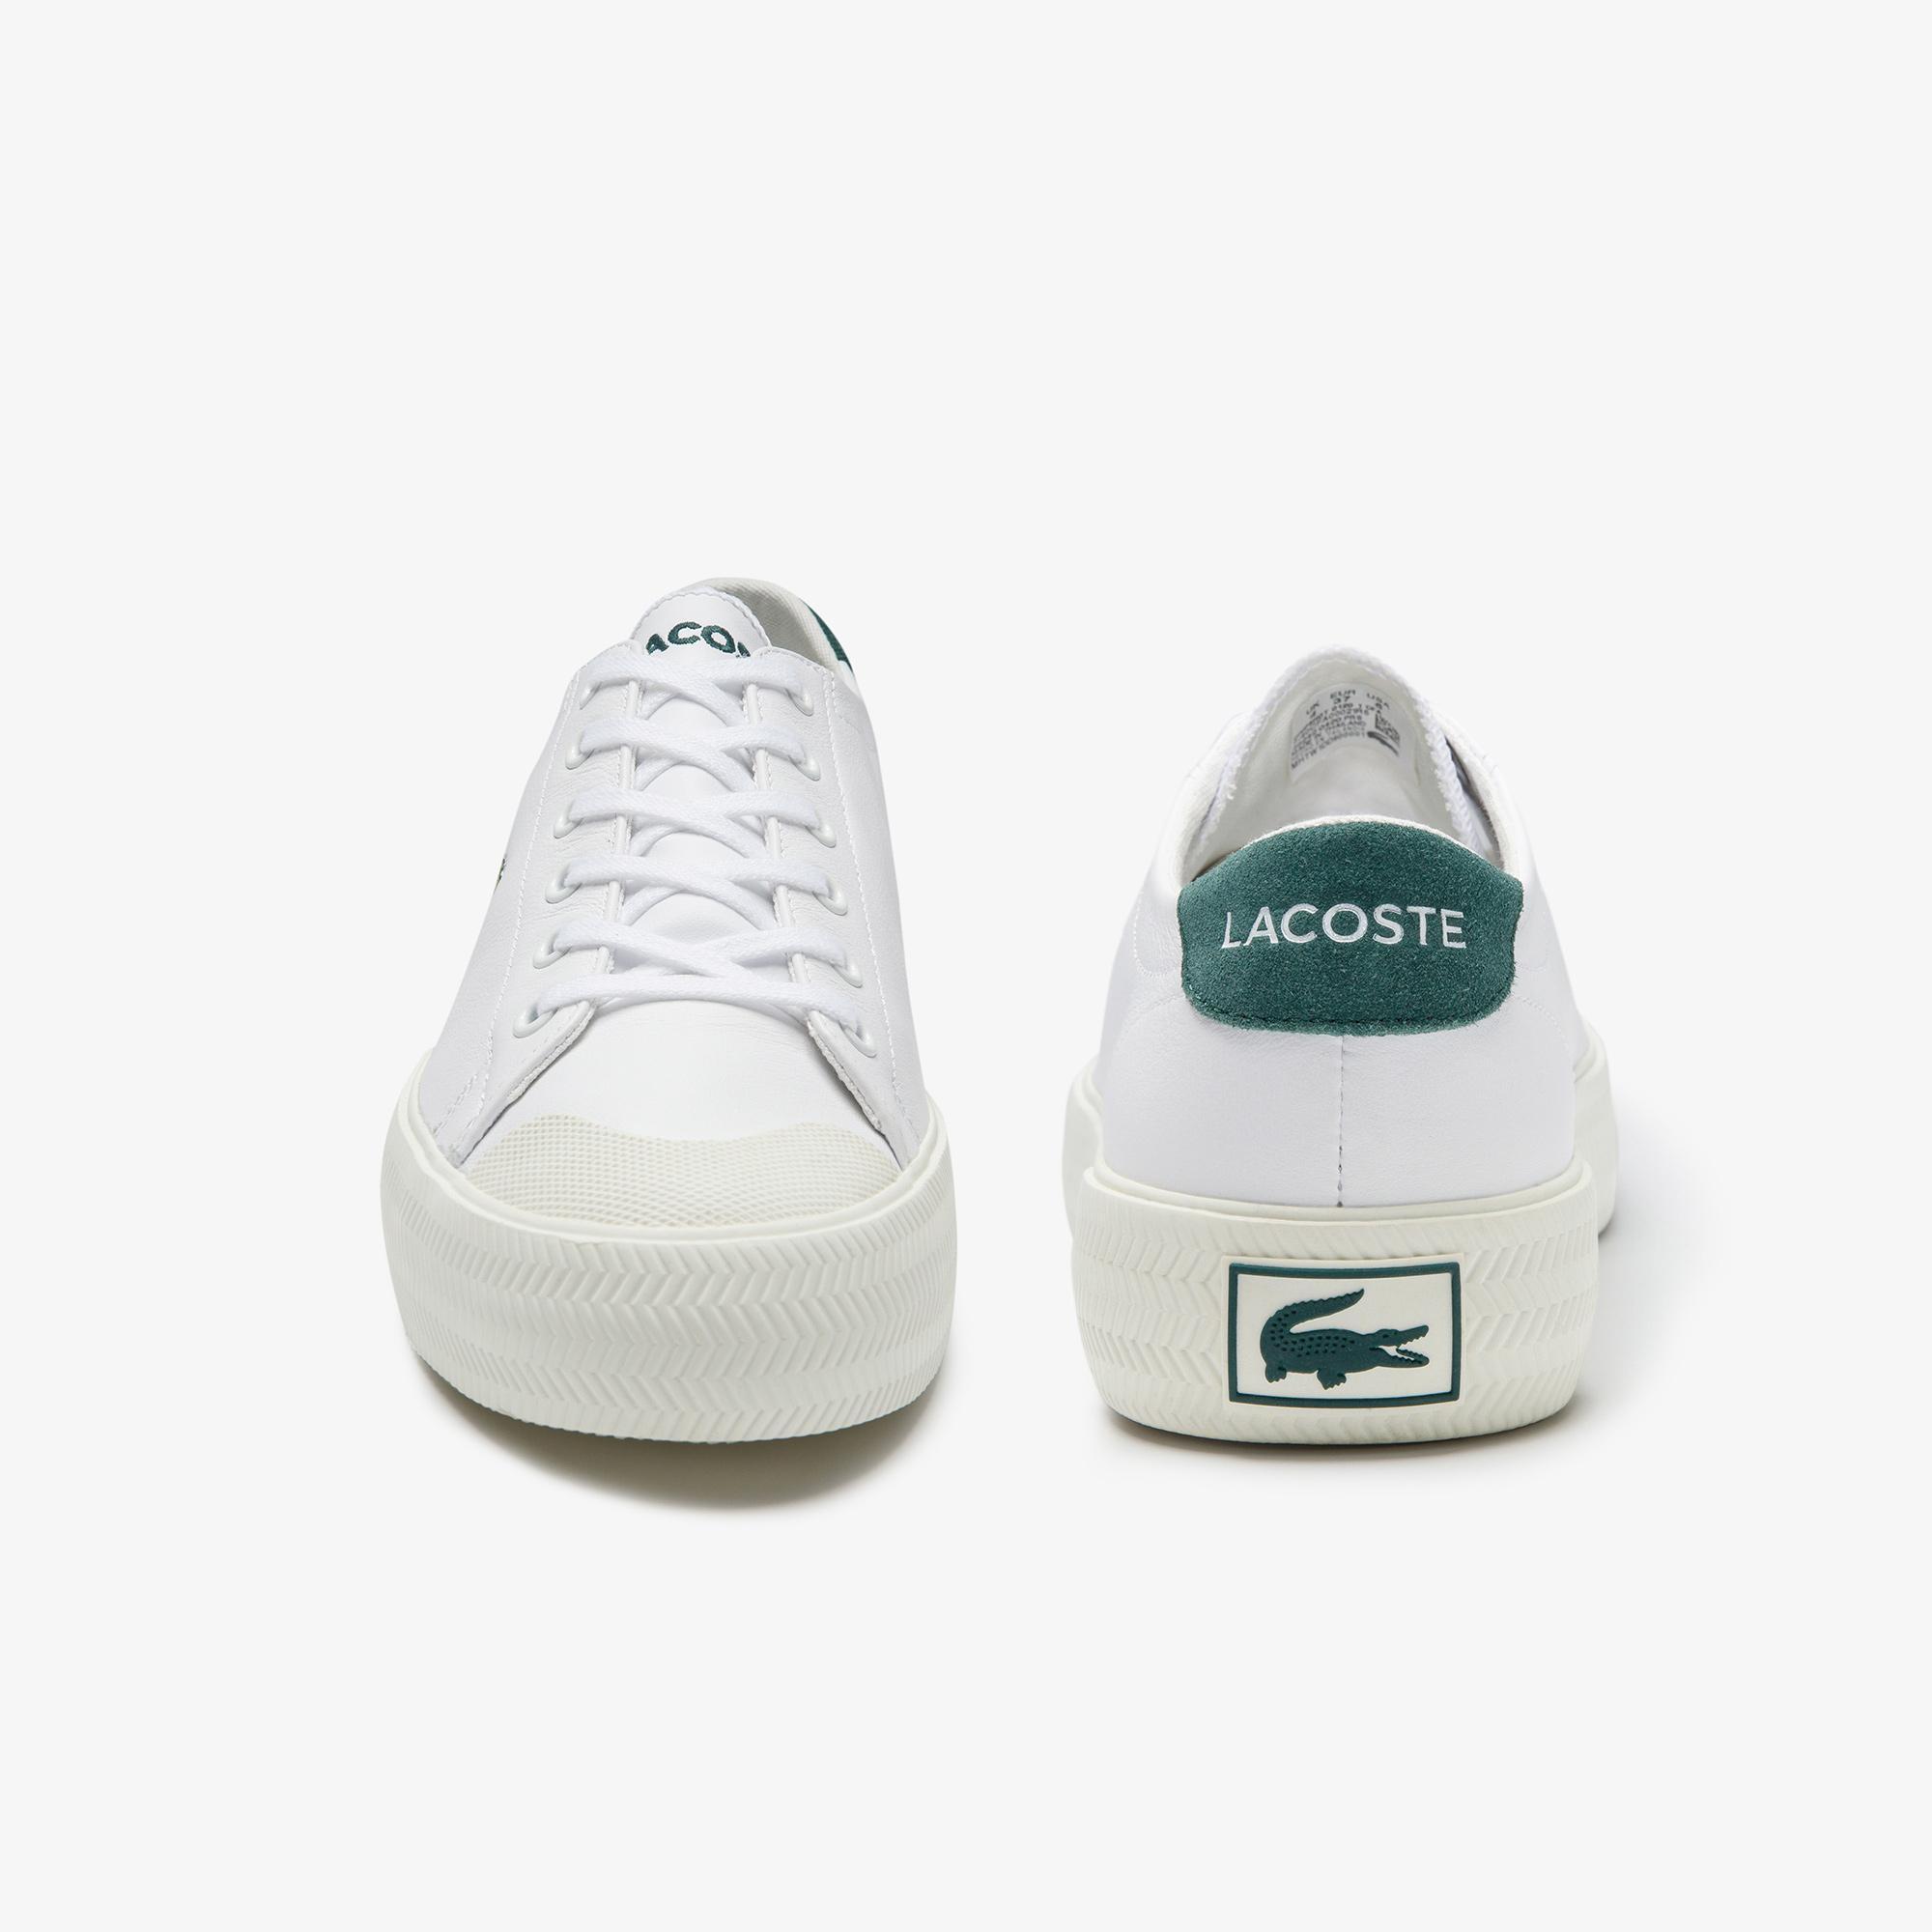 Lacoste Damskie buty Grıpshot 0120 1 Cfa